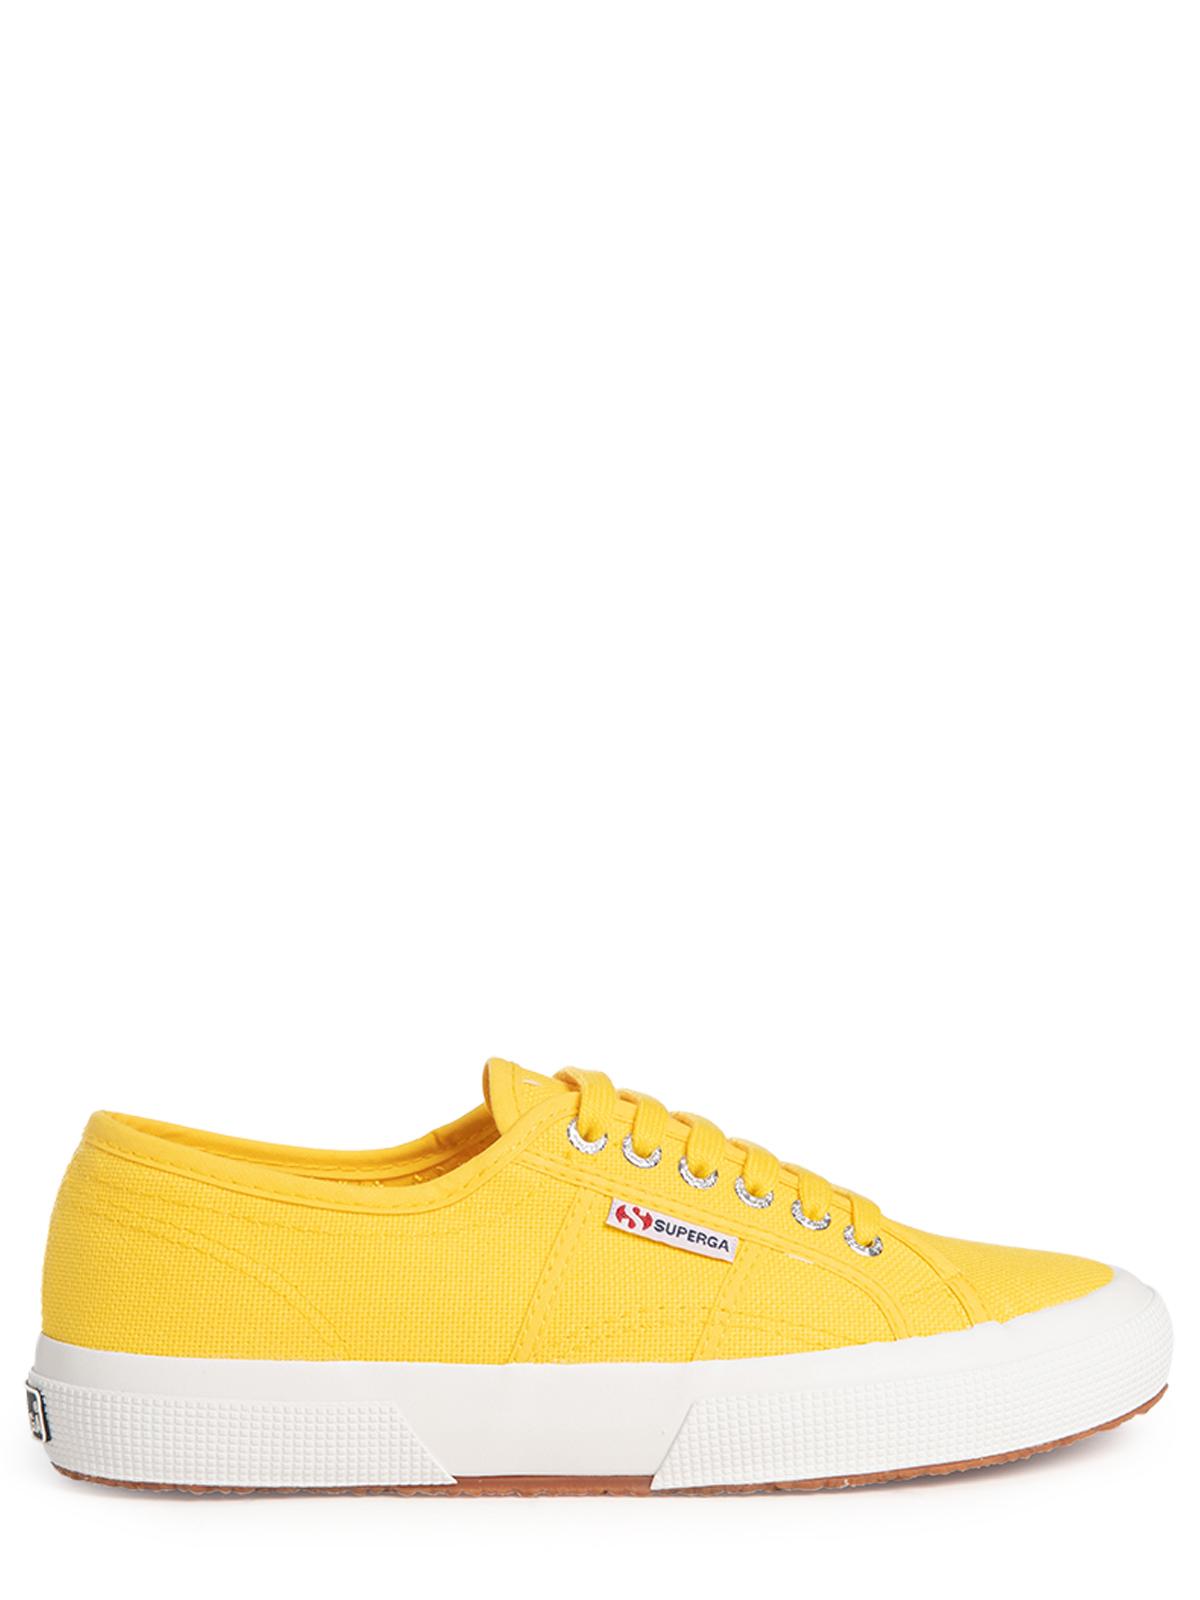 Superga Cotu Classic Sneaker gelb